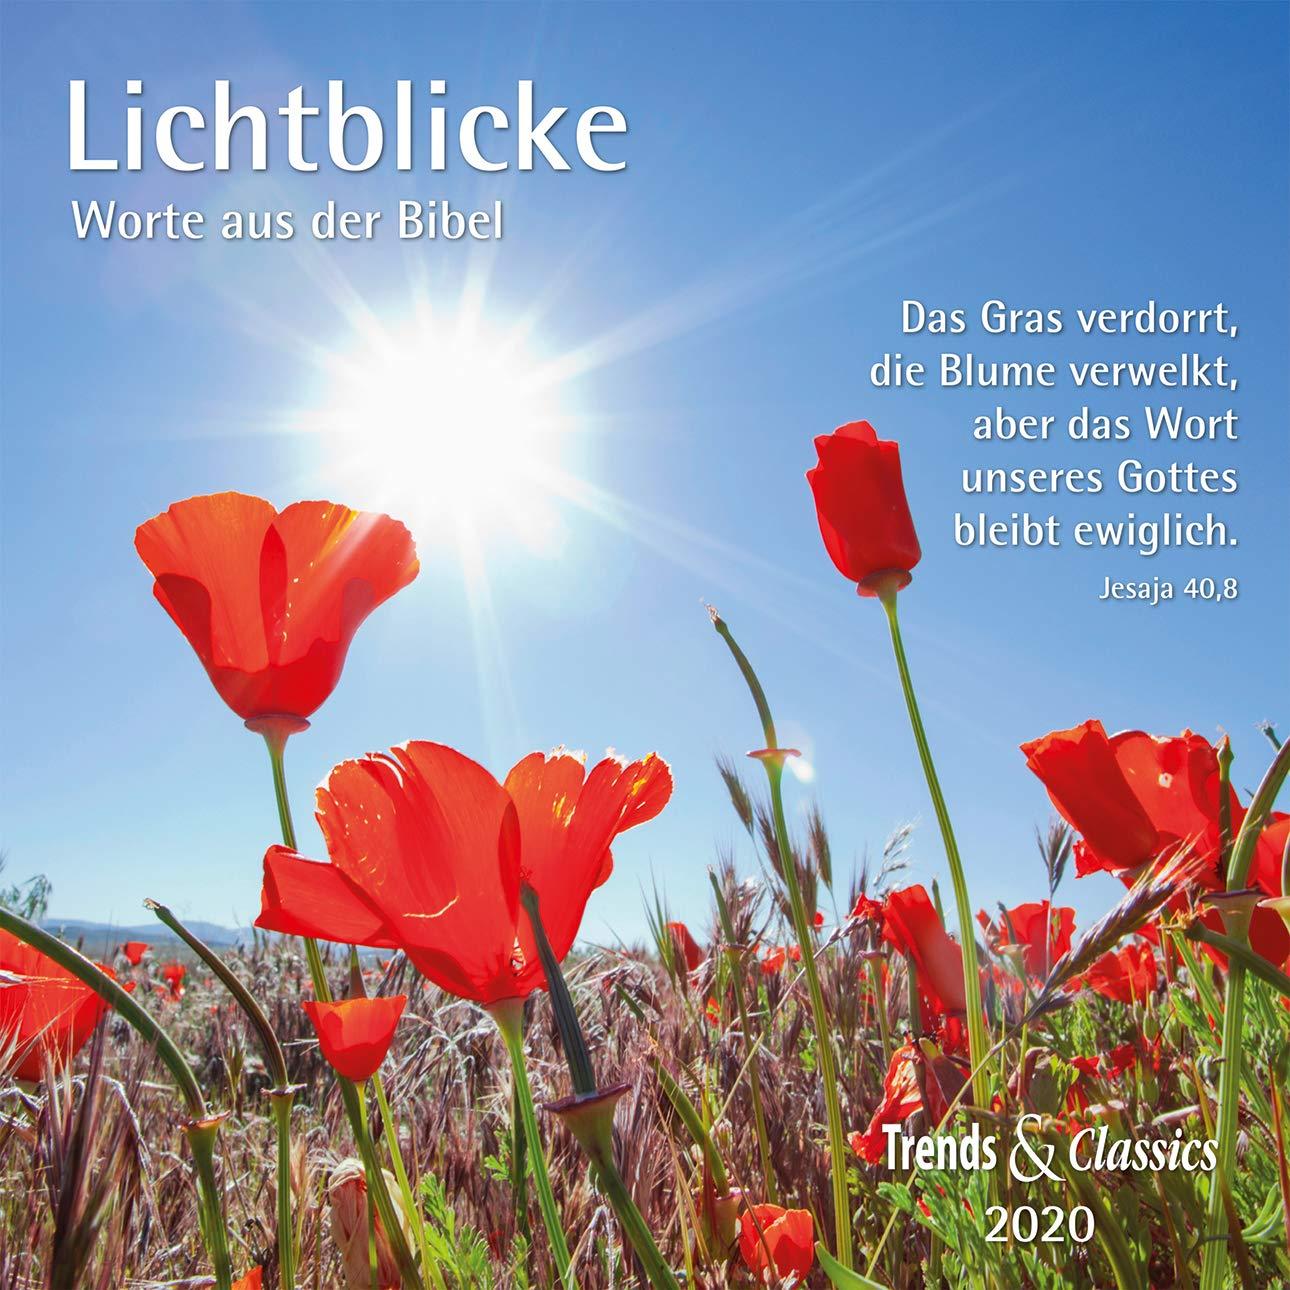 Lichtblicke 2020   Broschürenkalender   Wandkalender   Mit Herausnehmbarem Poster Und Bibelzitaten   Format 30 X 30 Cm  Worte Aus Der Bibel